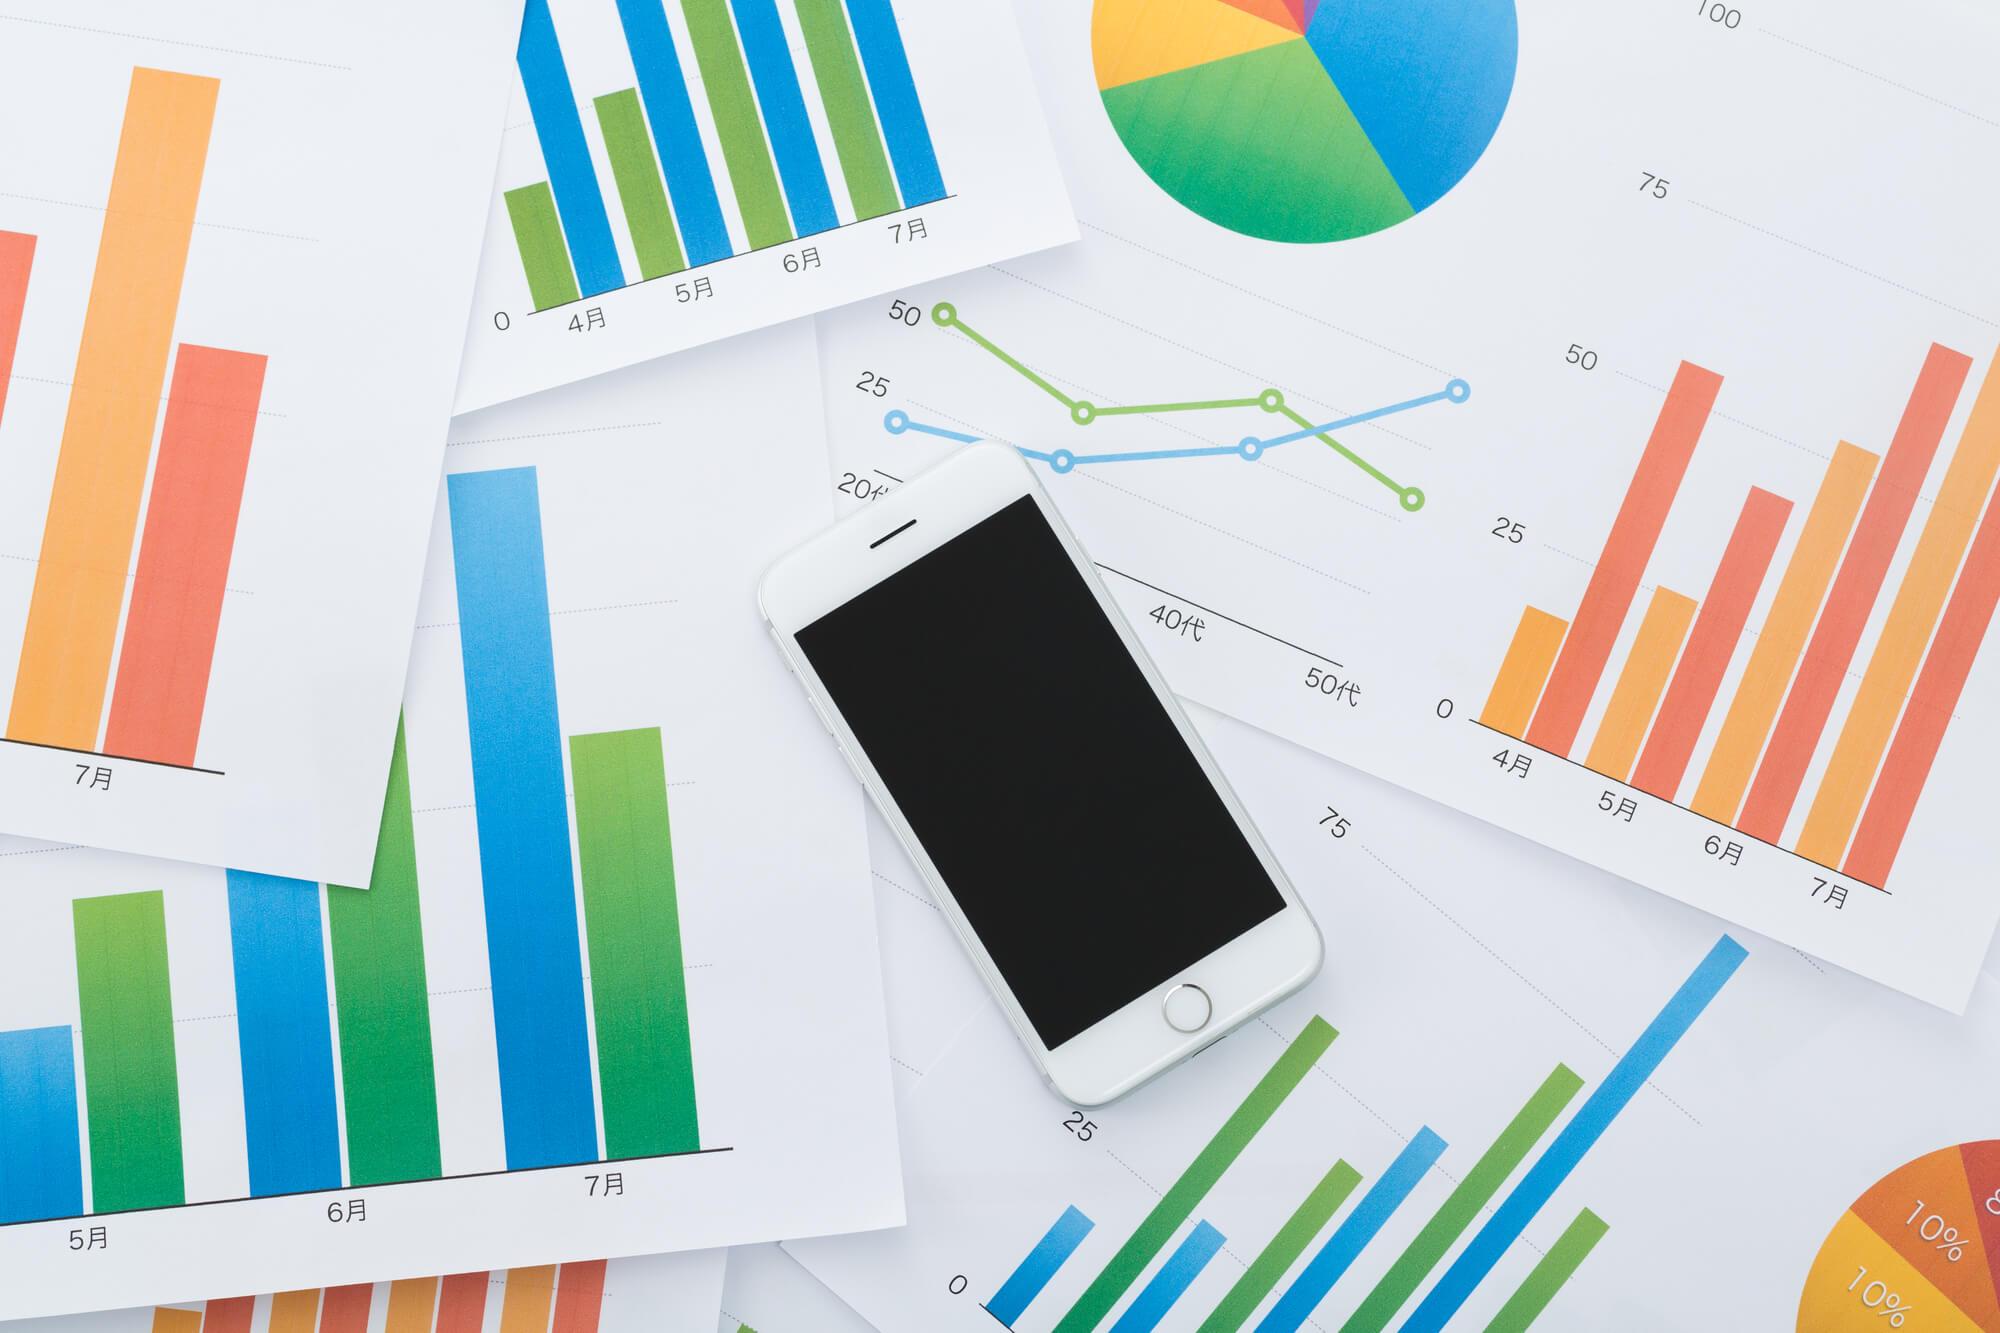 賃貸経営で確認すべき3つの空室率と計算方法【空室率TVIの注意点】